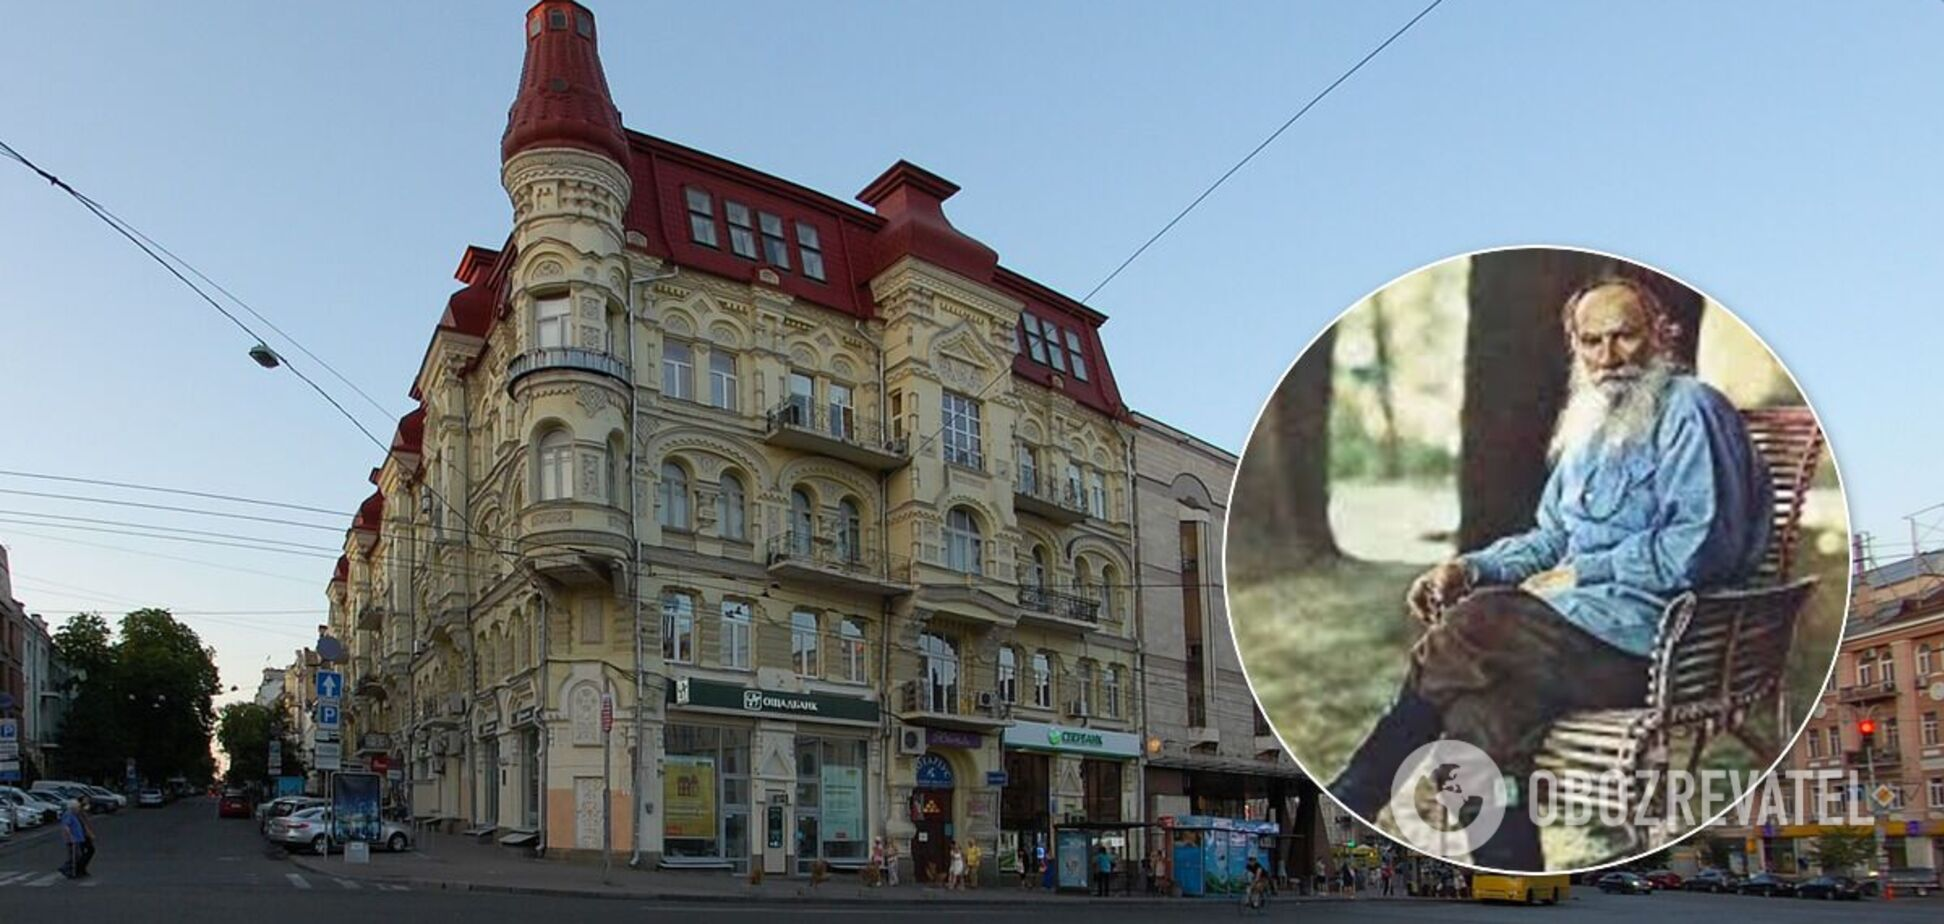 Вахтанг Кіпіані обурився через топоніми на честь Льва Толстого в Києві